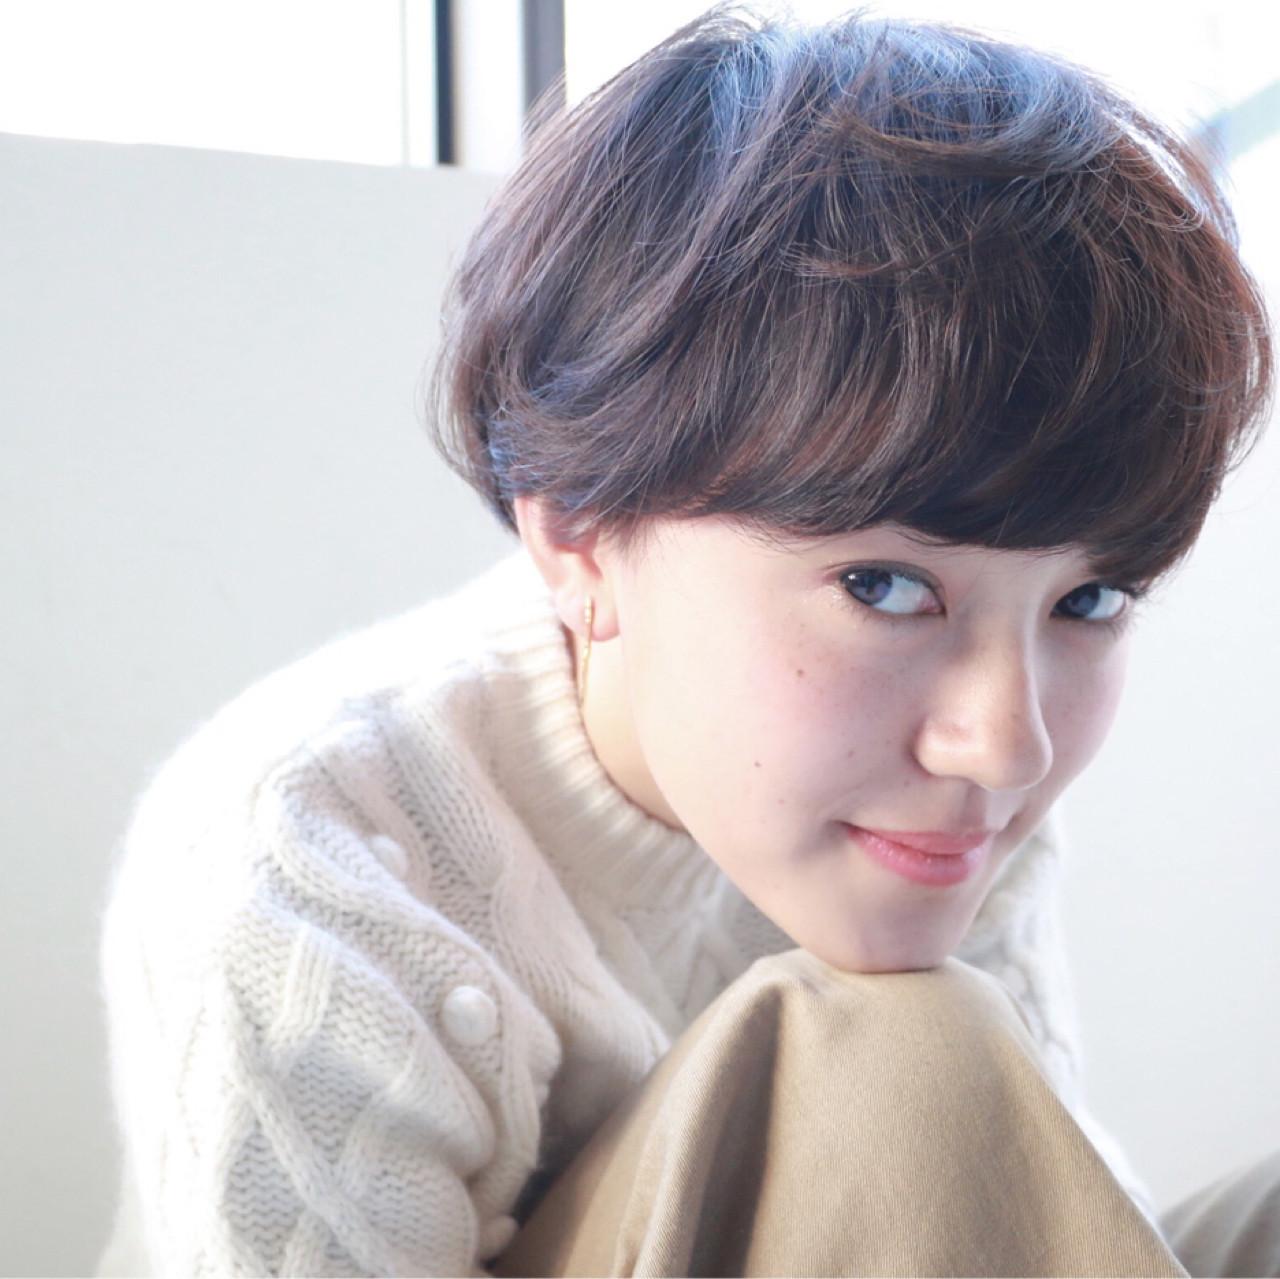 ショート 冬 透明感 前髪パーマ ヘアスタイルや髪型の写真・画像